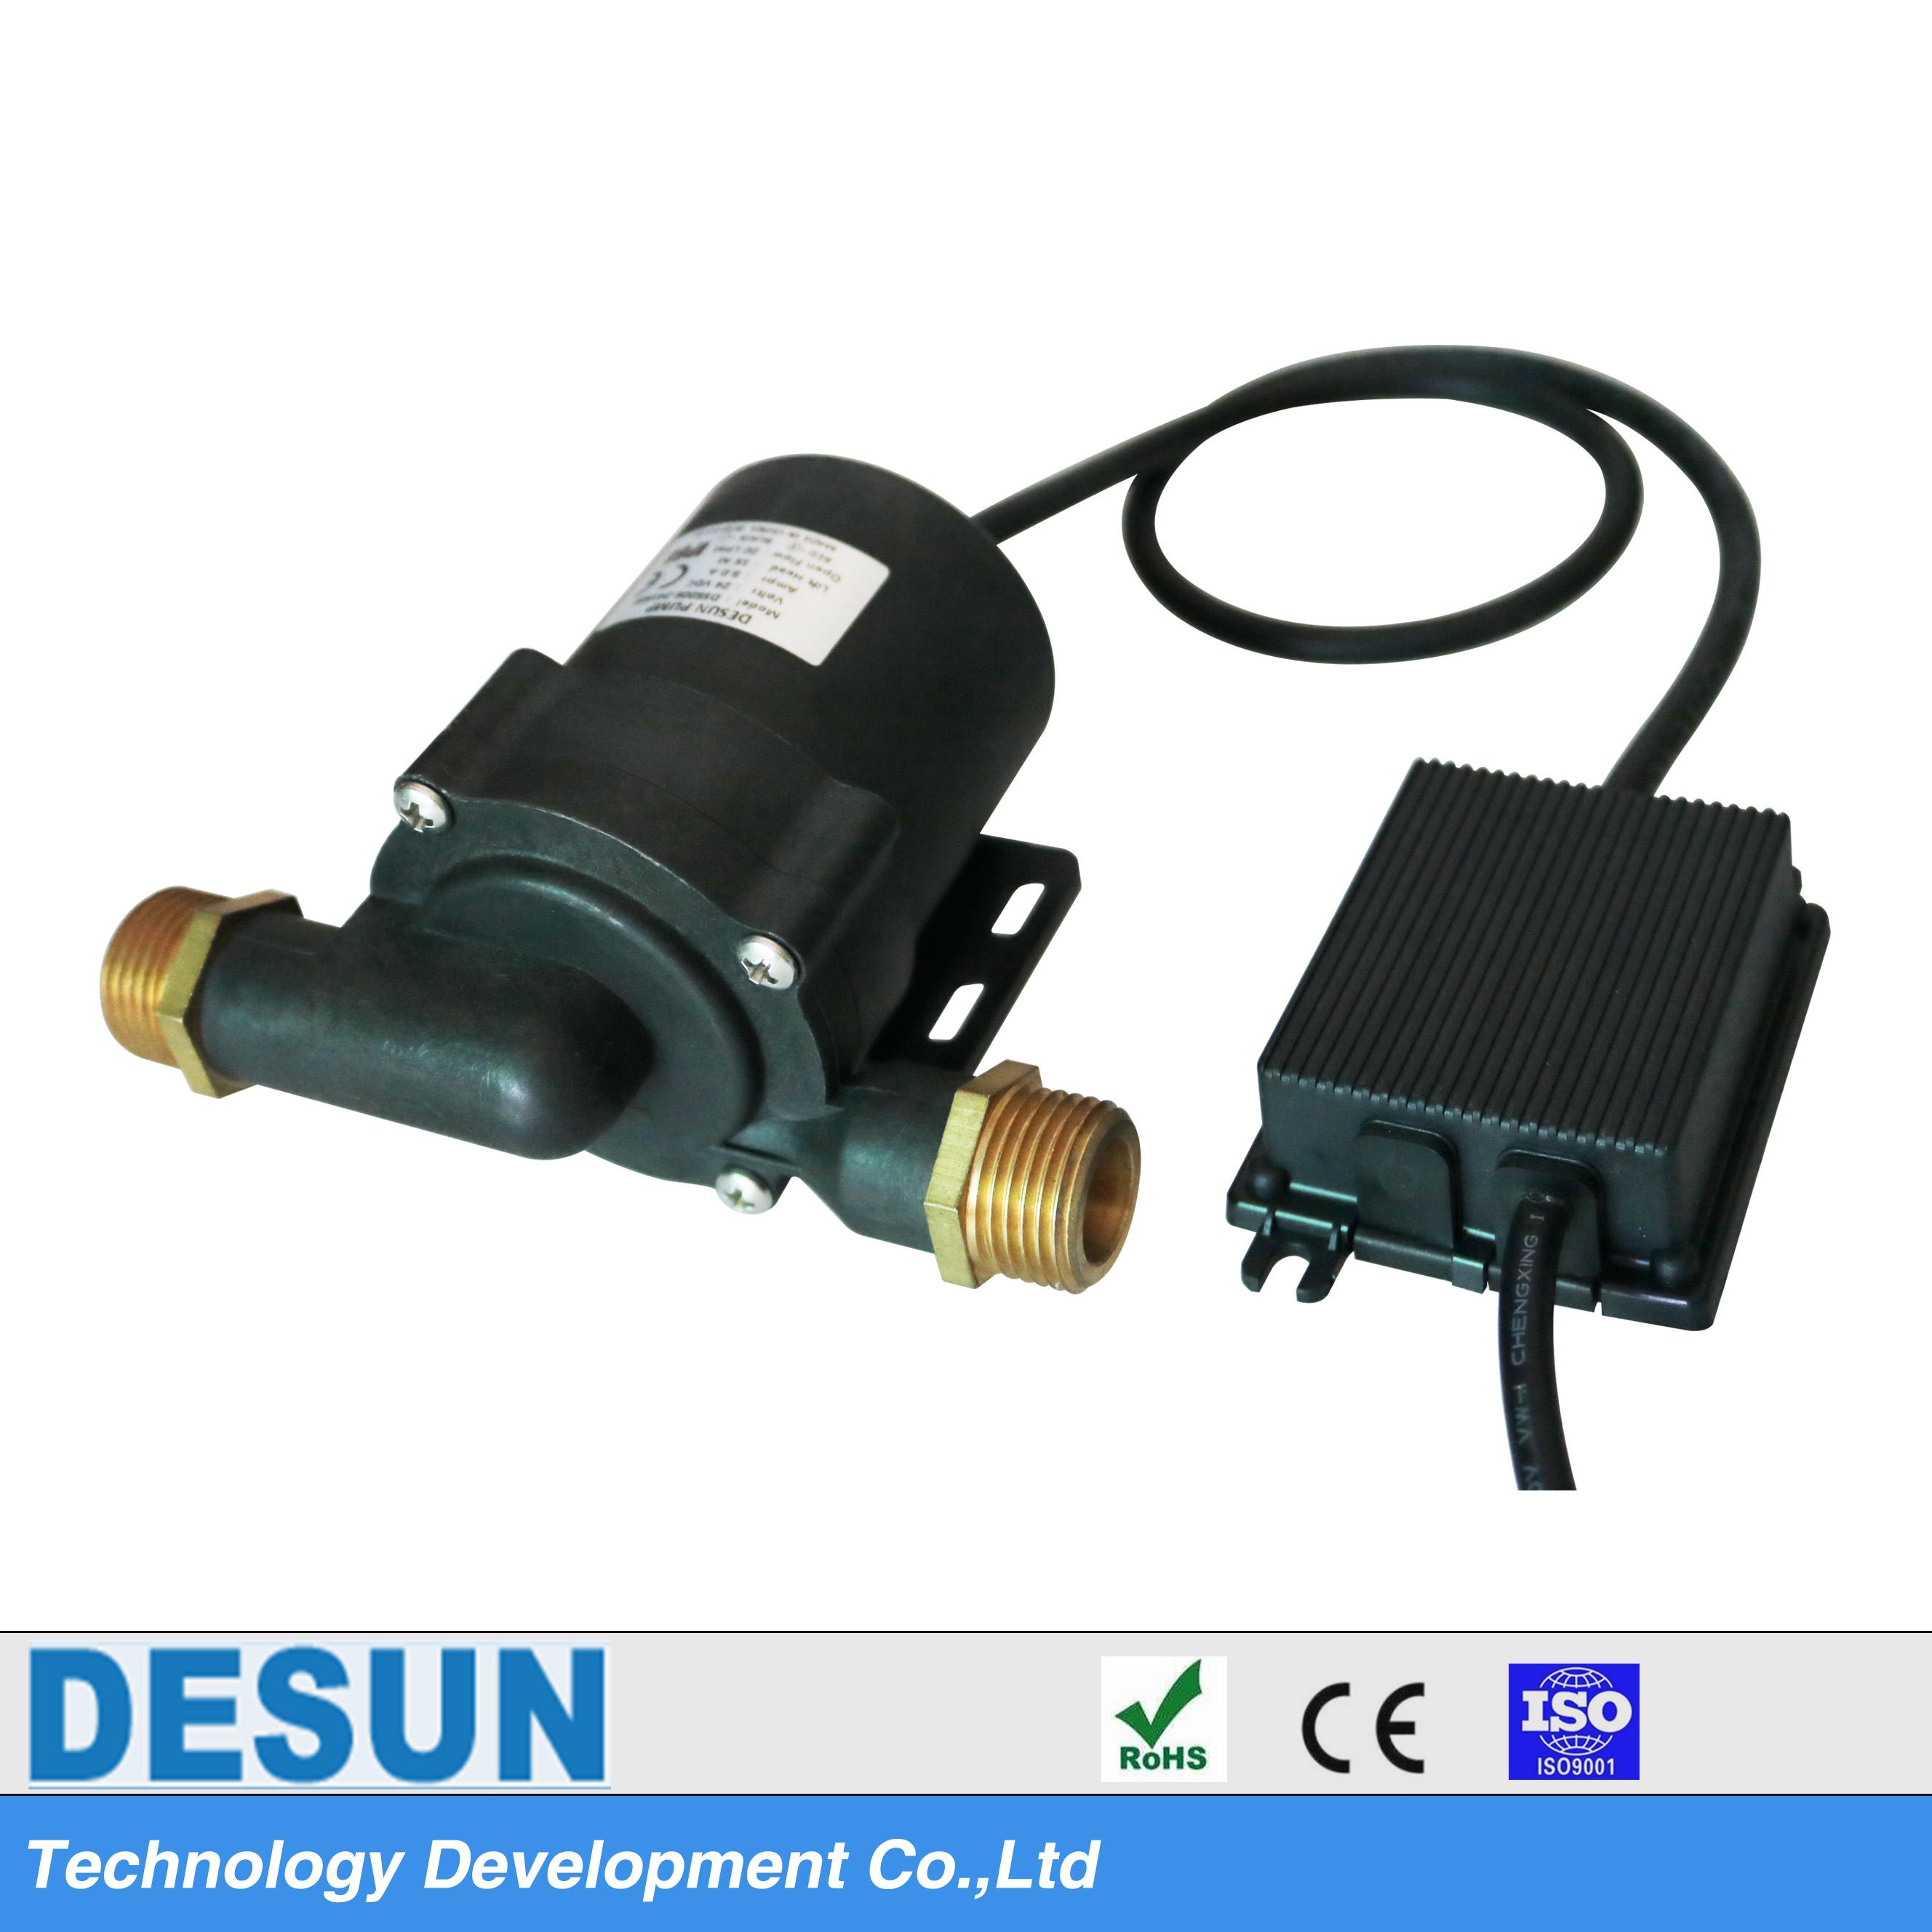 微型直流无刷潜水泵DS5005